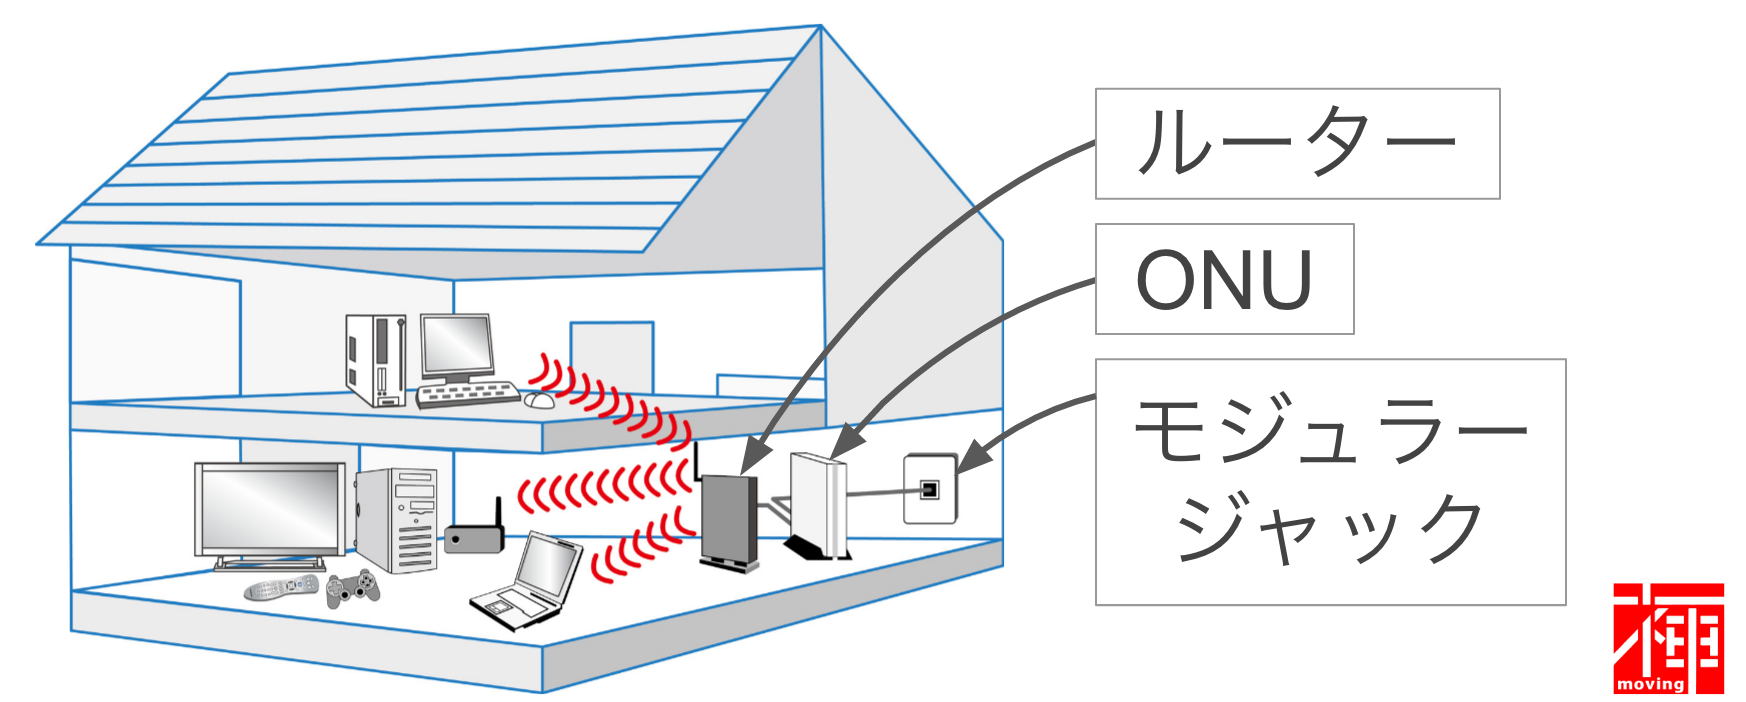 ネット回線速度 光回線速度 LANケーブル